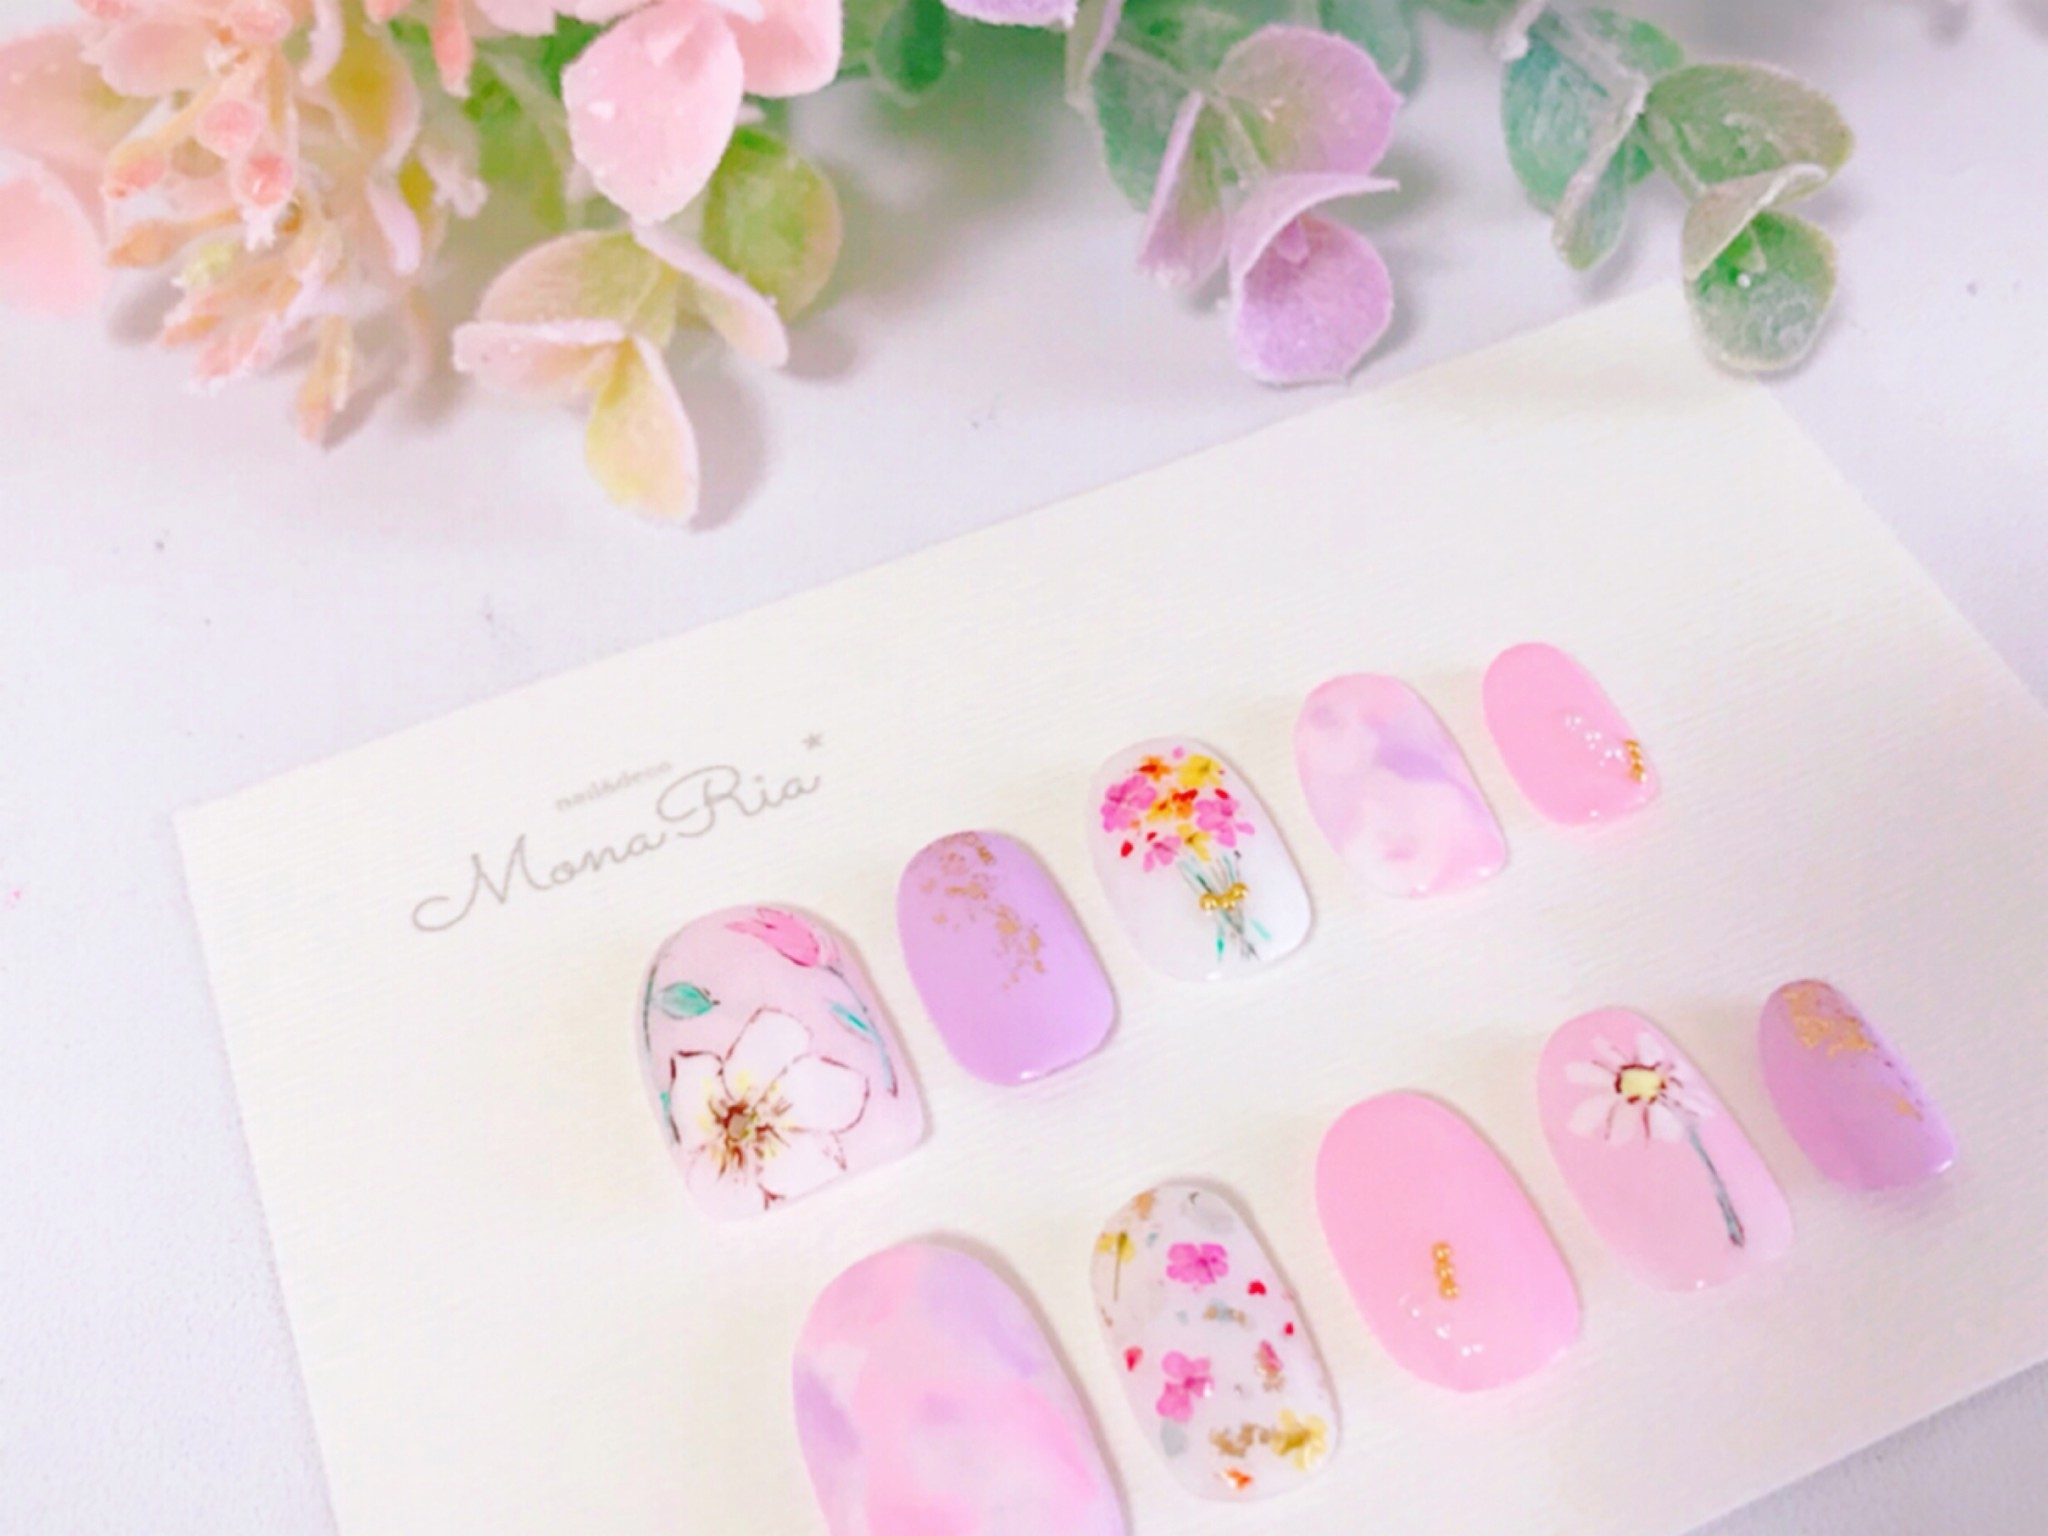 nail tip design